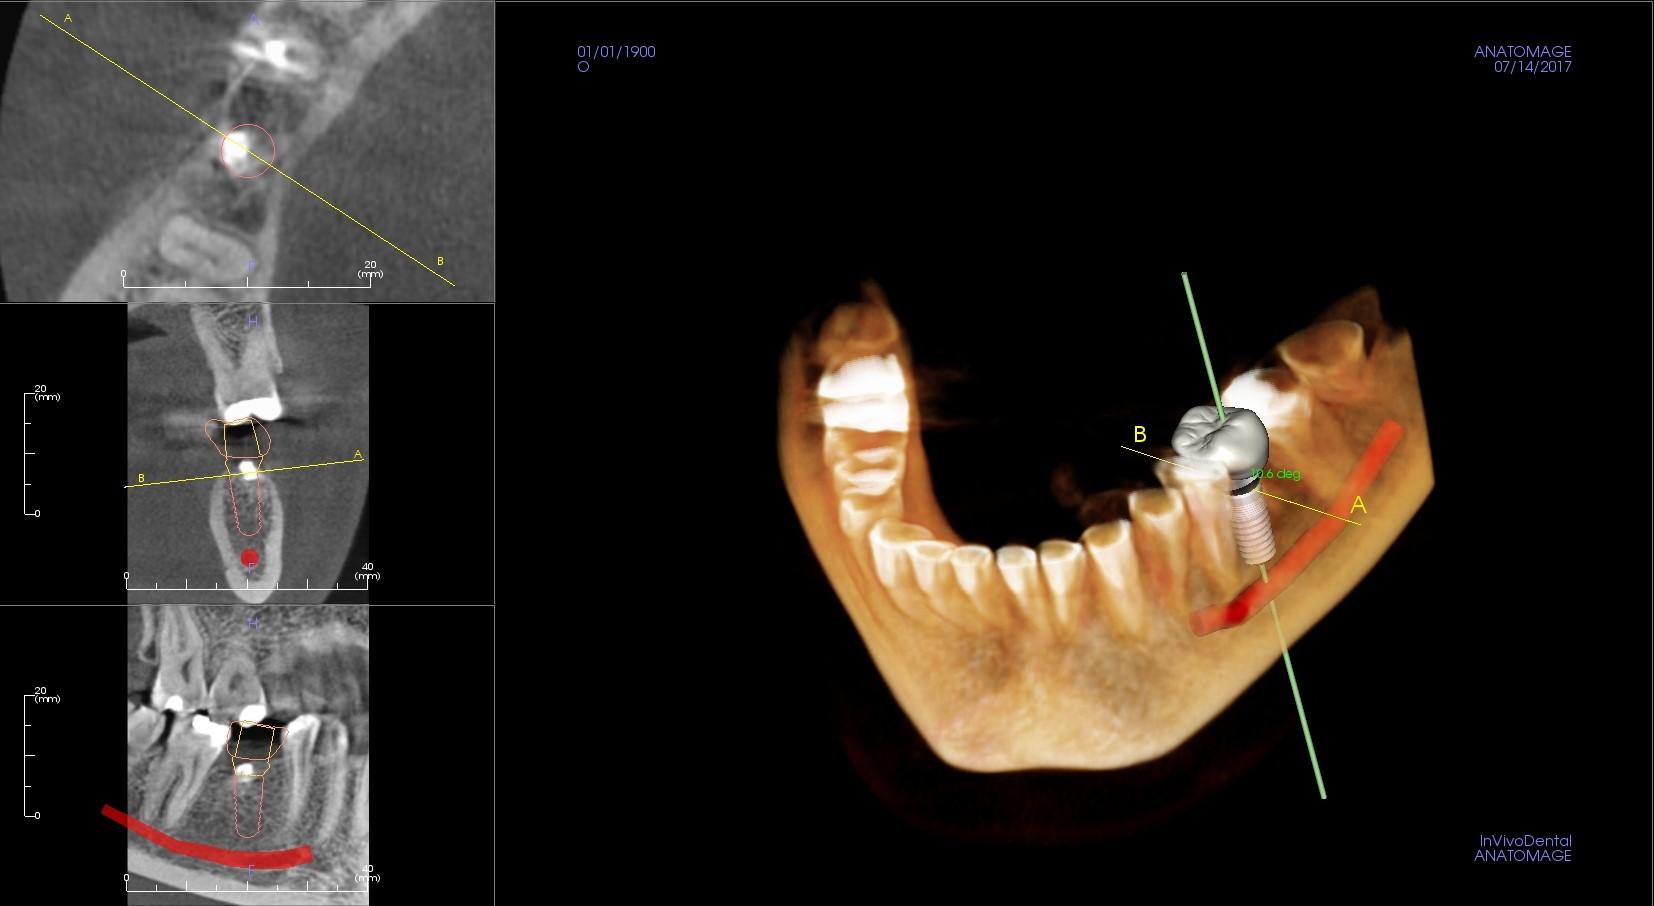 Plánování zubního implantátu pomocí 3D zobrazení